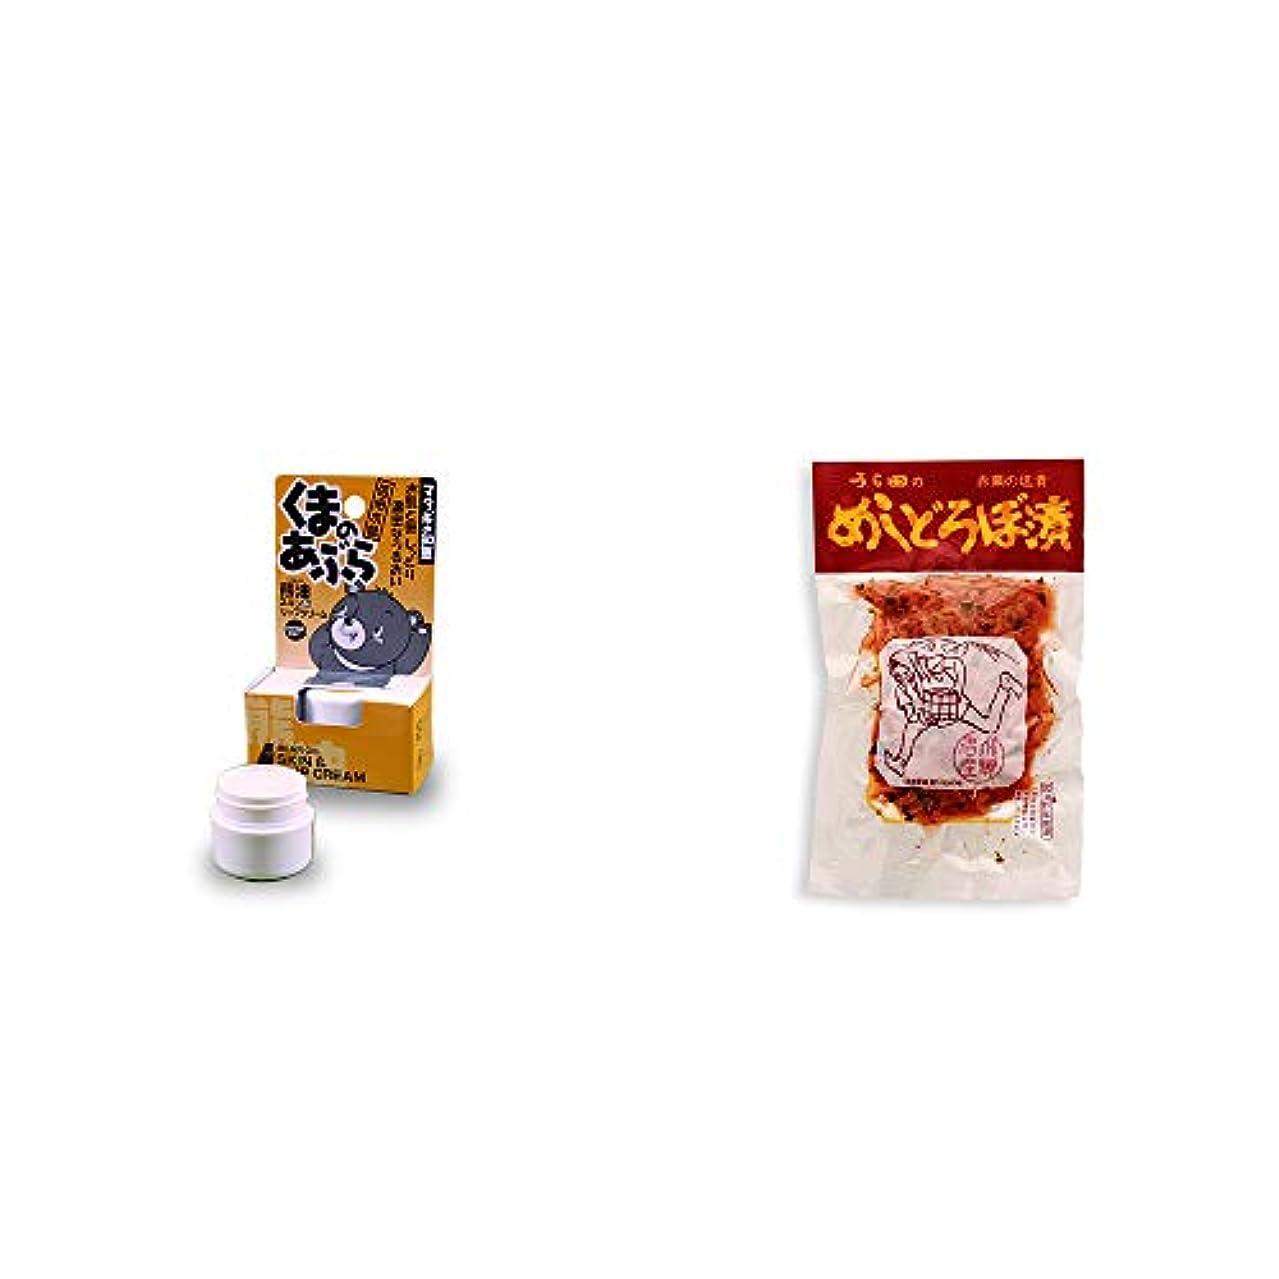 [2点セット] 信州木曽 くまのあぶら 熊油スキン&リップクリーム(9g)?うら田 めしどろぼ漬(180g)